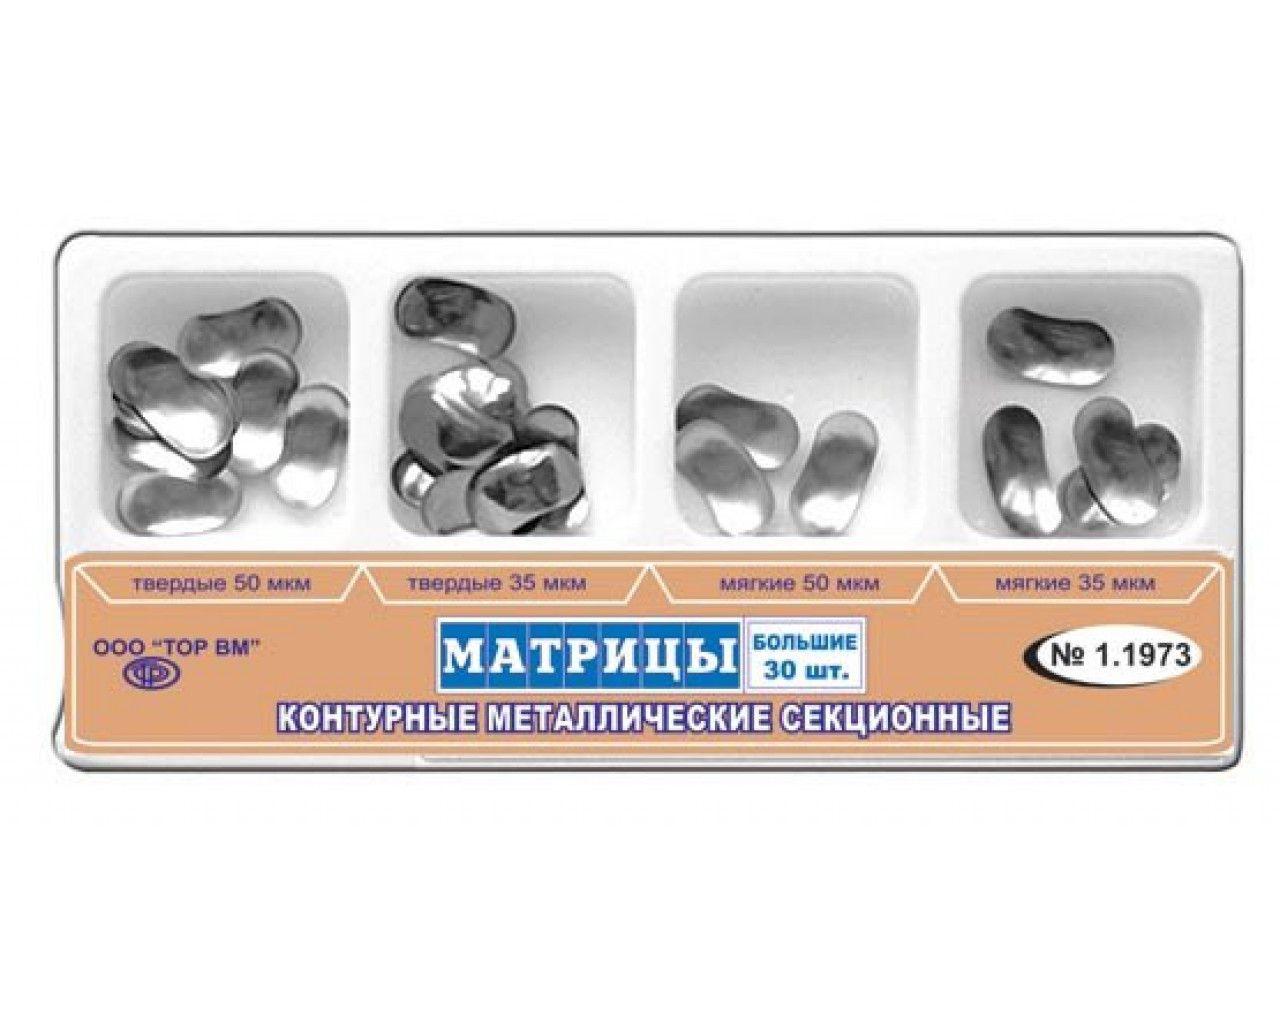 Матрицы 1.1973 метал. больш. контур секц. 4-х тип